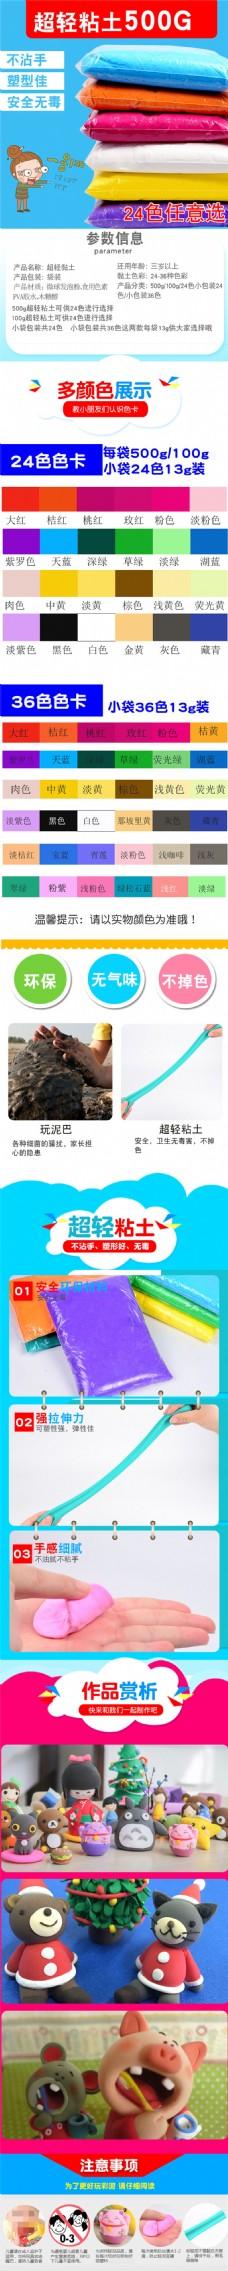 超轻粘土淘宝详情页